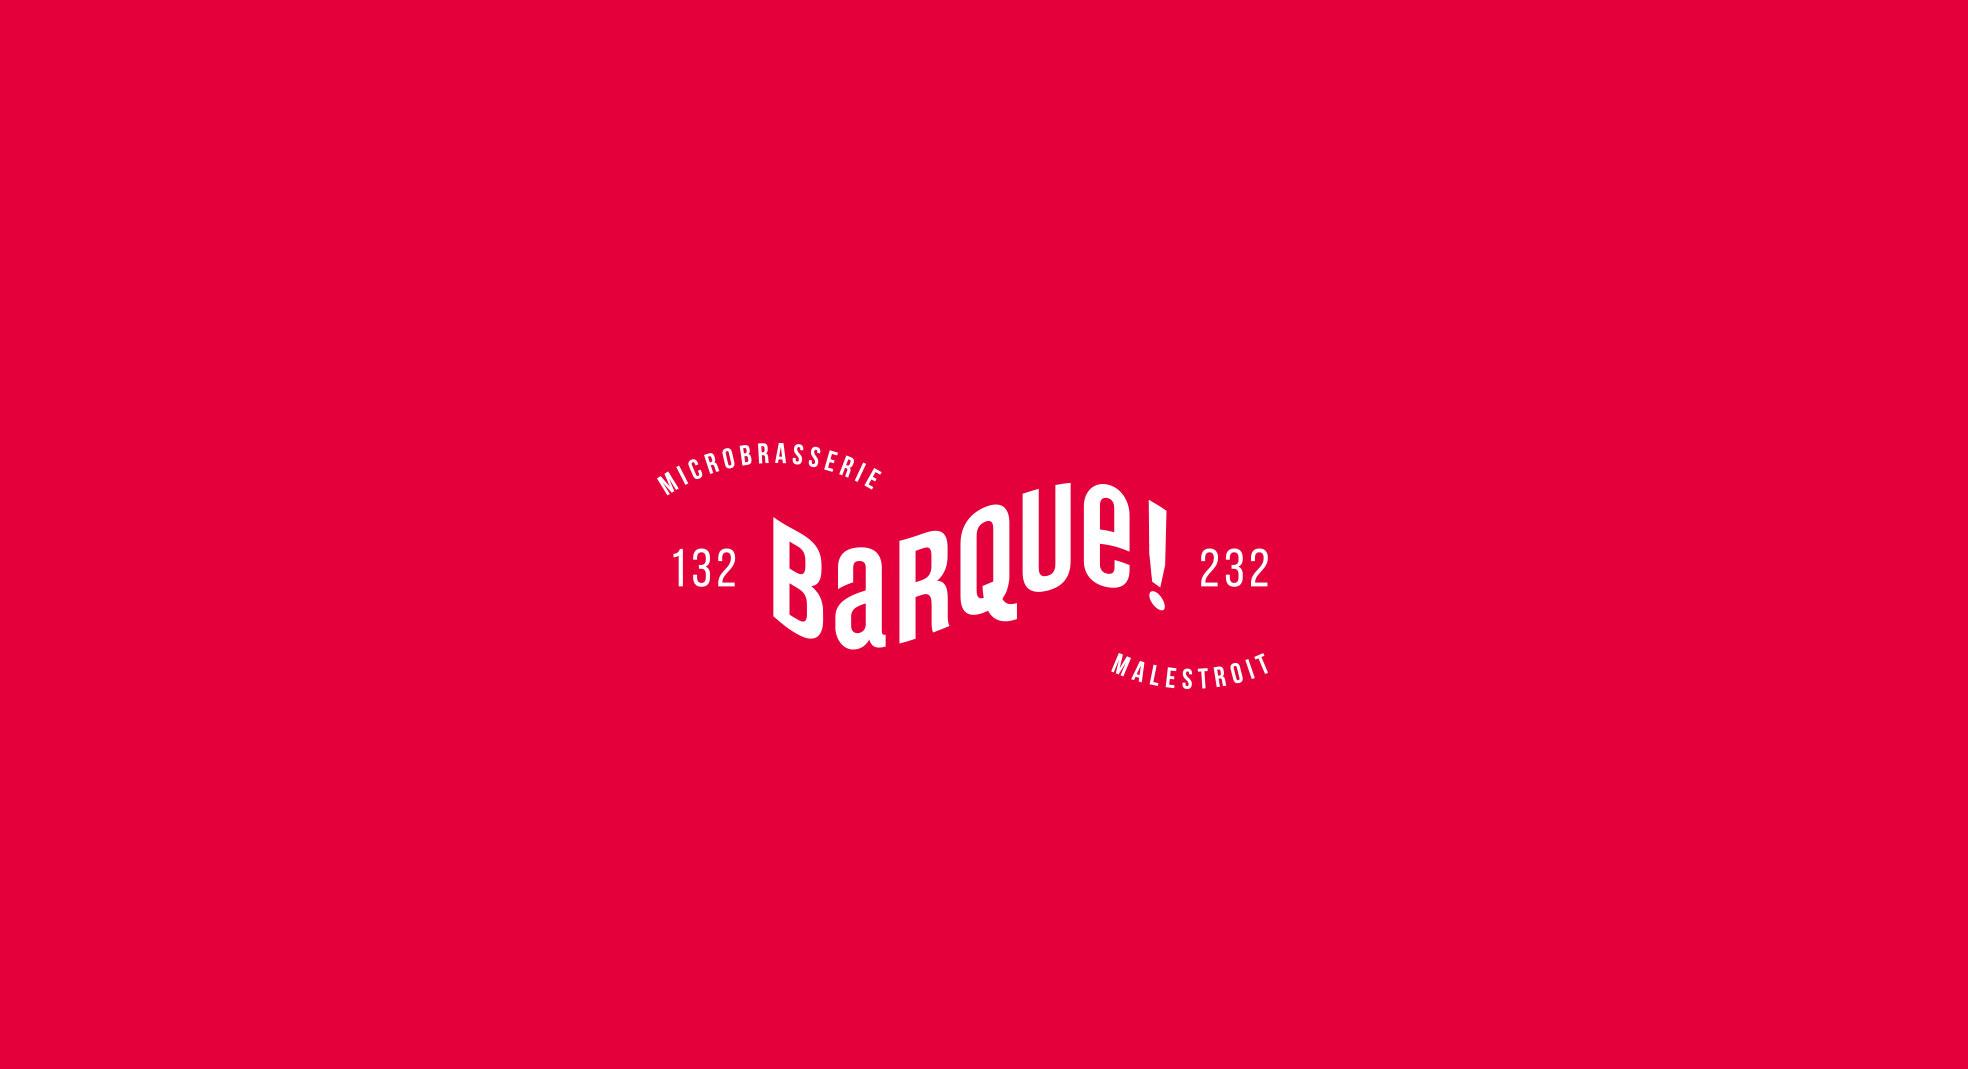 bieresBARQUE-logo36